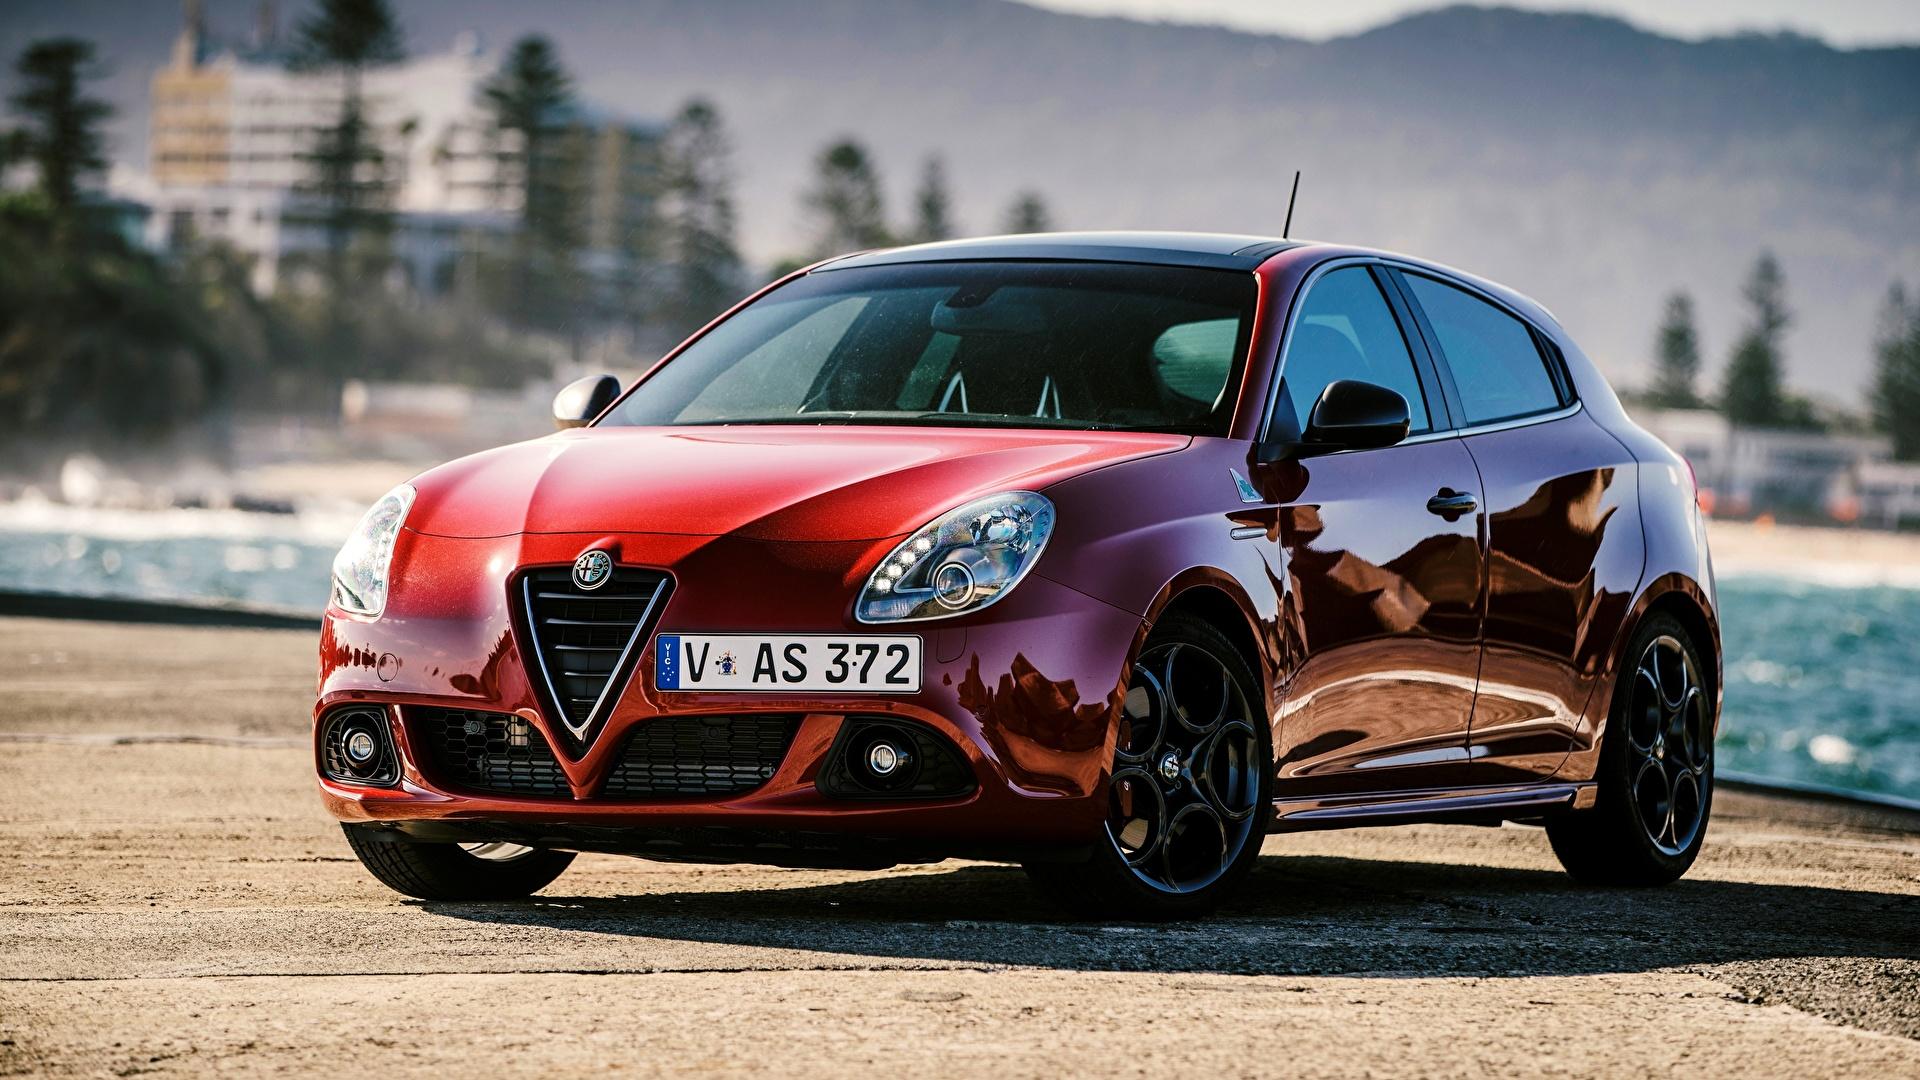 Images Alfa Romeo 2015 Giulietta Quadrifoglio Verde 1920x1080